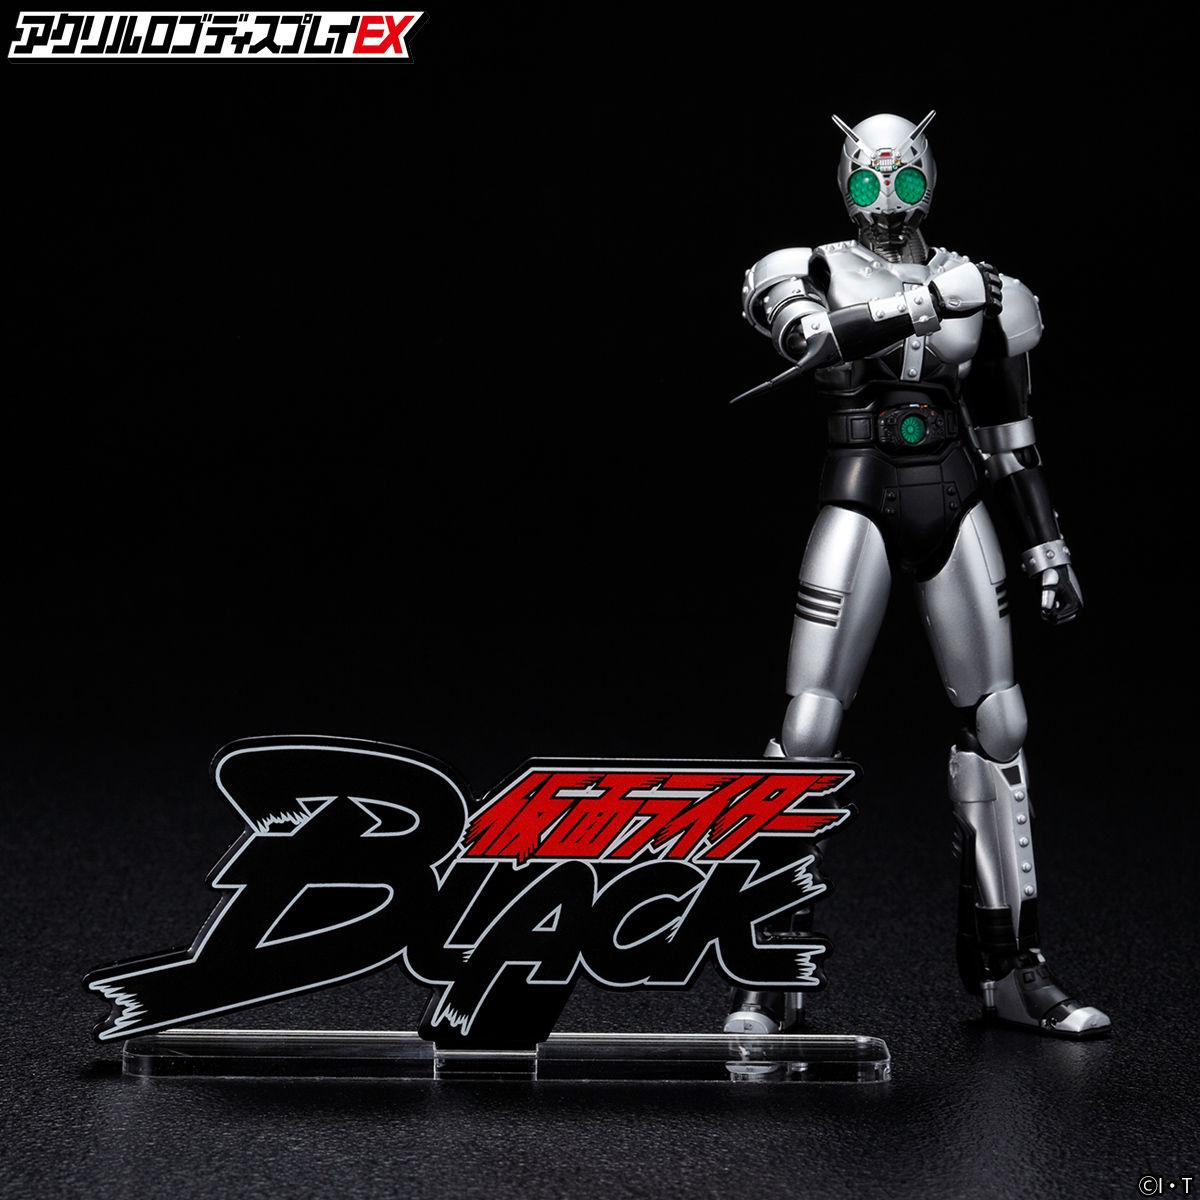 ACRYLIC LOGO DISPLAY EX 假面騎士BLACK